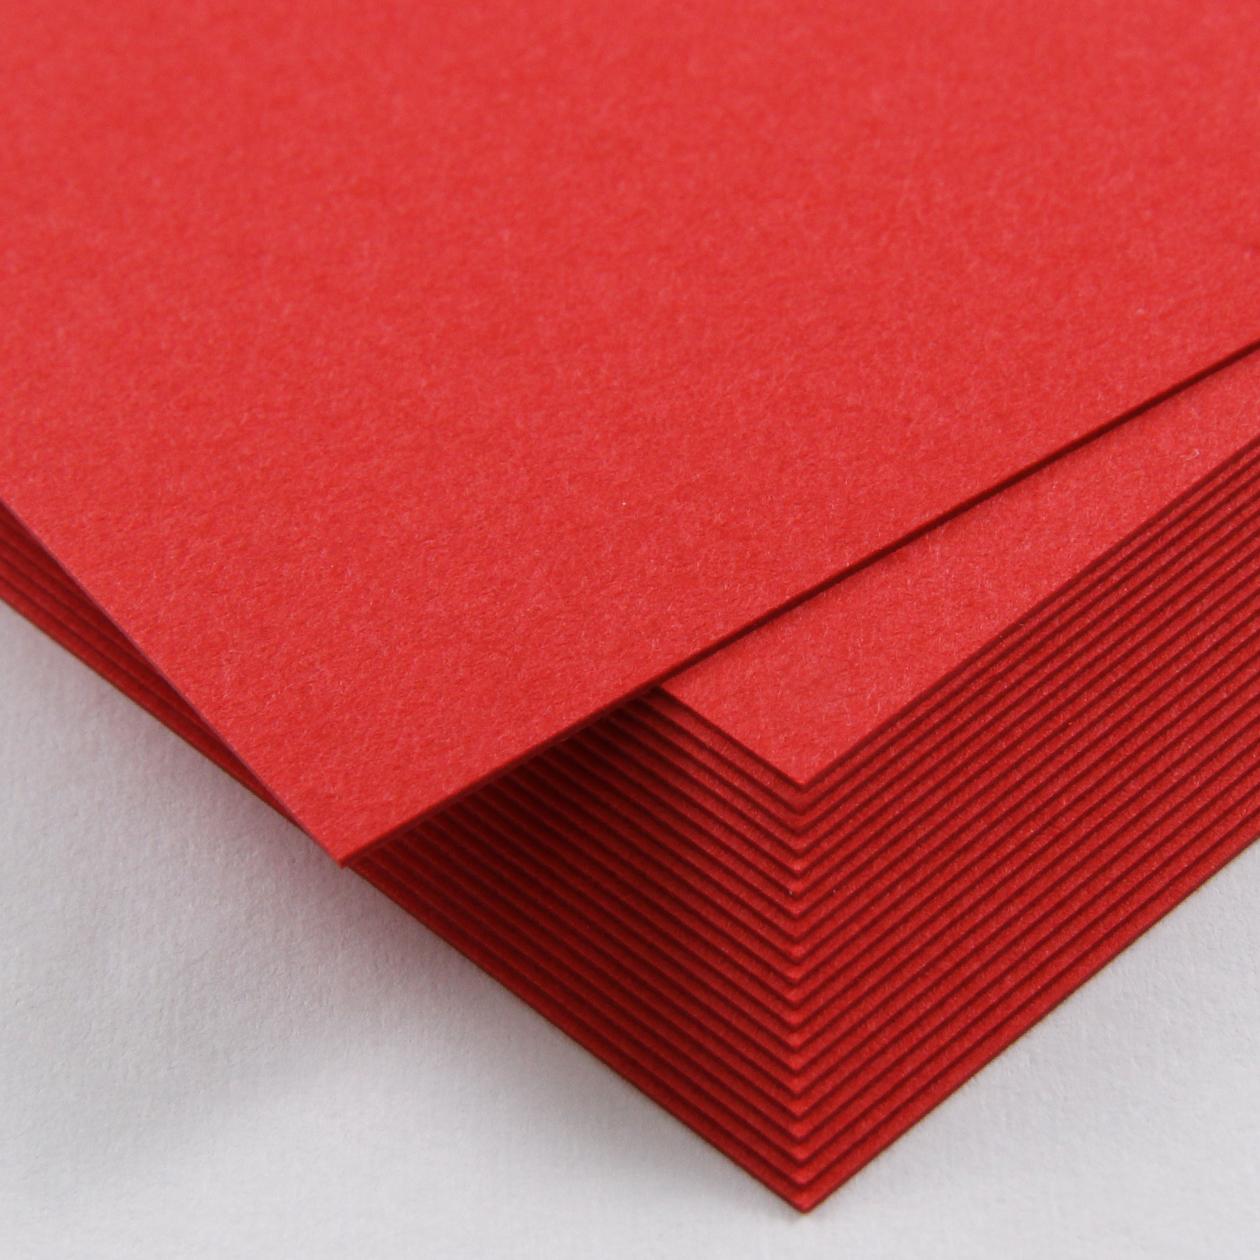 A4カード+α ボード紙 レッド 250g